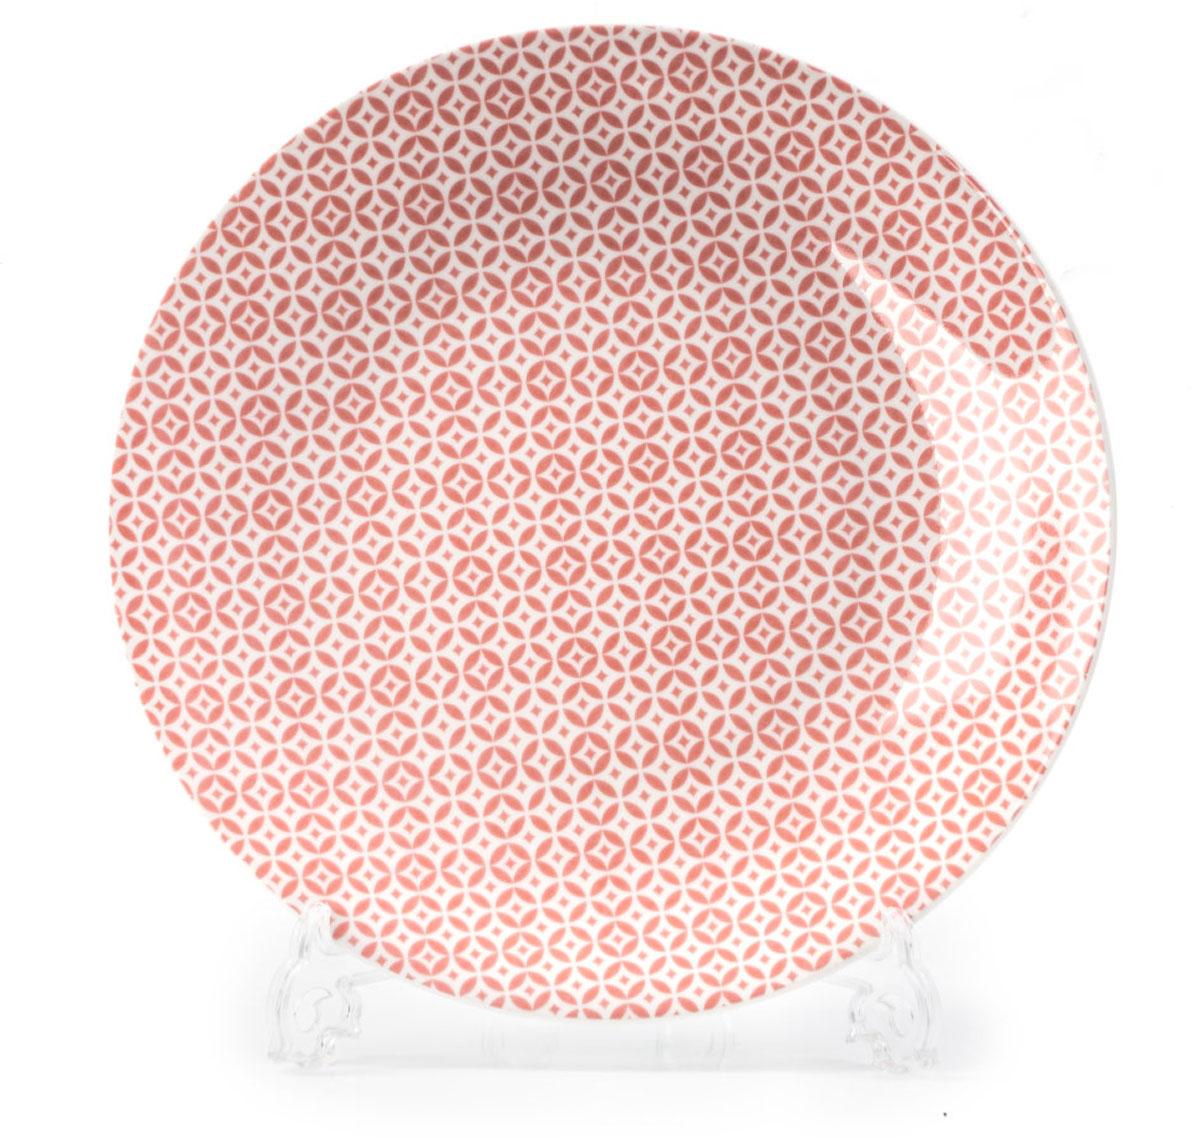 Тарелка La Rose des Sables Витон, цвет: розовый, диаметр 27 см720127 2278Тарелка La Rose des Sables Витон выполнена из тунисского фарфора,изготовленного из уникальной белой глины, которую добывают во французскойпровинции Лимож. Фарфоровая тарелка из знаменитой Лиможской глины.Фарфор превосходного качества. Благодаря двойному термическому обжигу,этот тонкостенный фарфор обладает высокой ударопрочностью,жаропрочностью и великолепным блеском глазури. Тарелка идеально подходит для повседневного использования. Отличносмотрится в любом интерьере.Можно использовать в СВЧ печи и мыть в посудомоечной машине. Диаметр: 27 см.